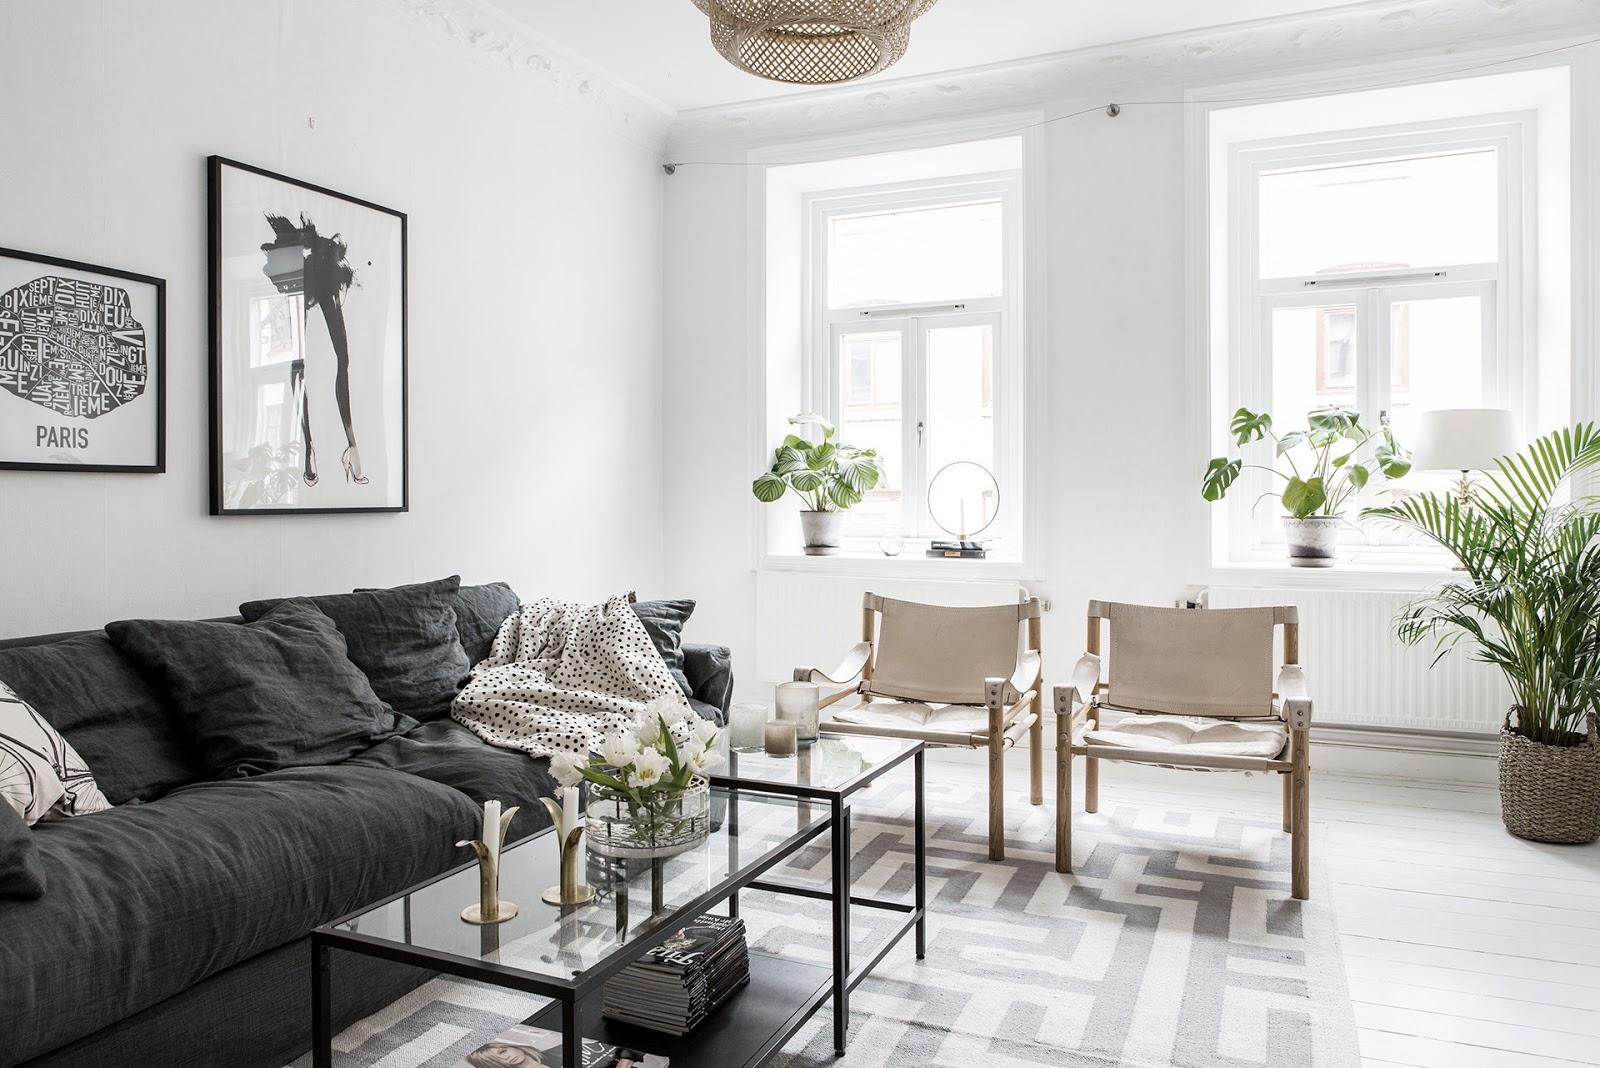 salon, estilo nordico, sillas, silla, mesa centro, sofa gris, manta puntos, plantas, interiorismo, alquimia deco,